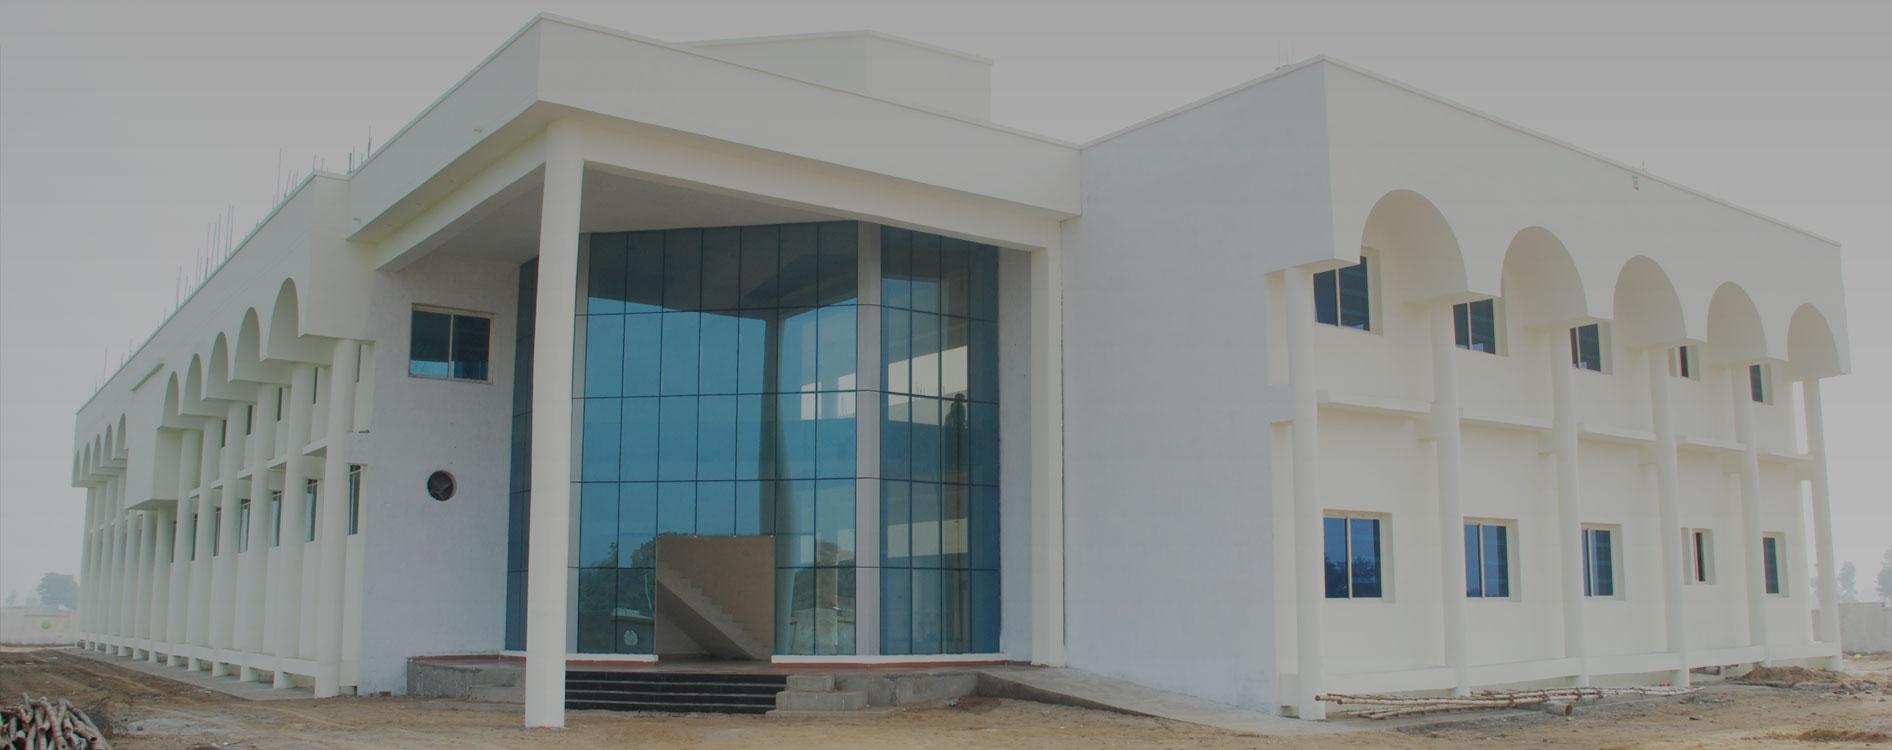 Guru Ram Dass Institute of Engineering and Technology, Bathinda Image